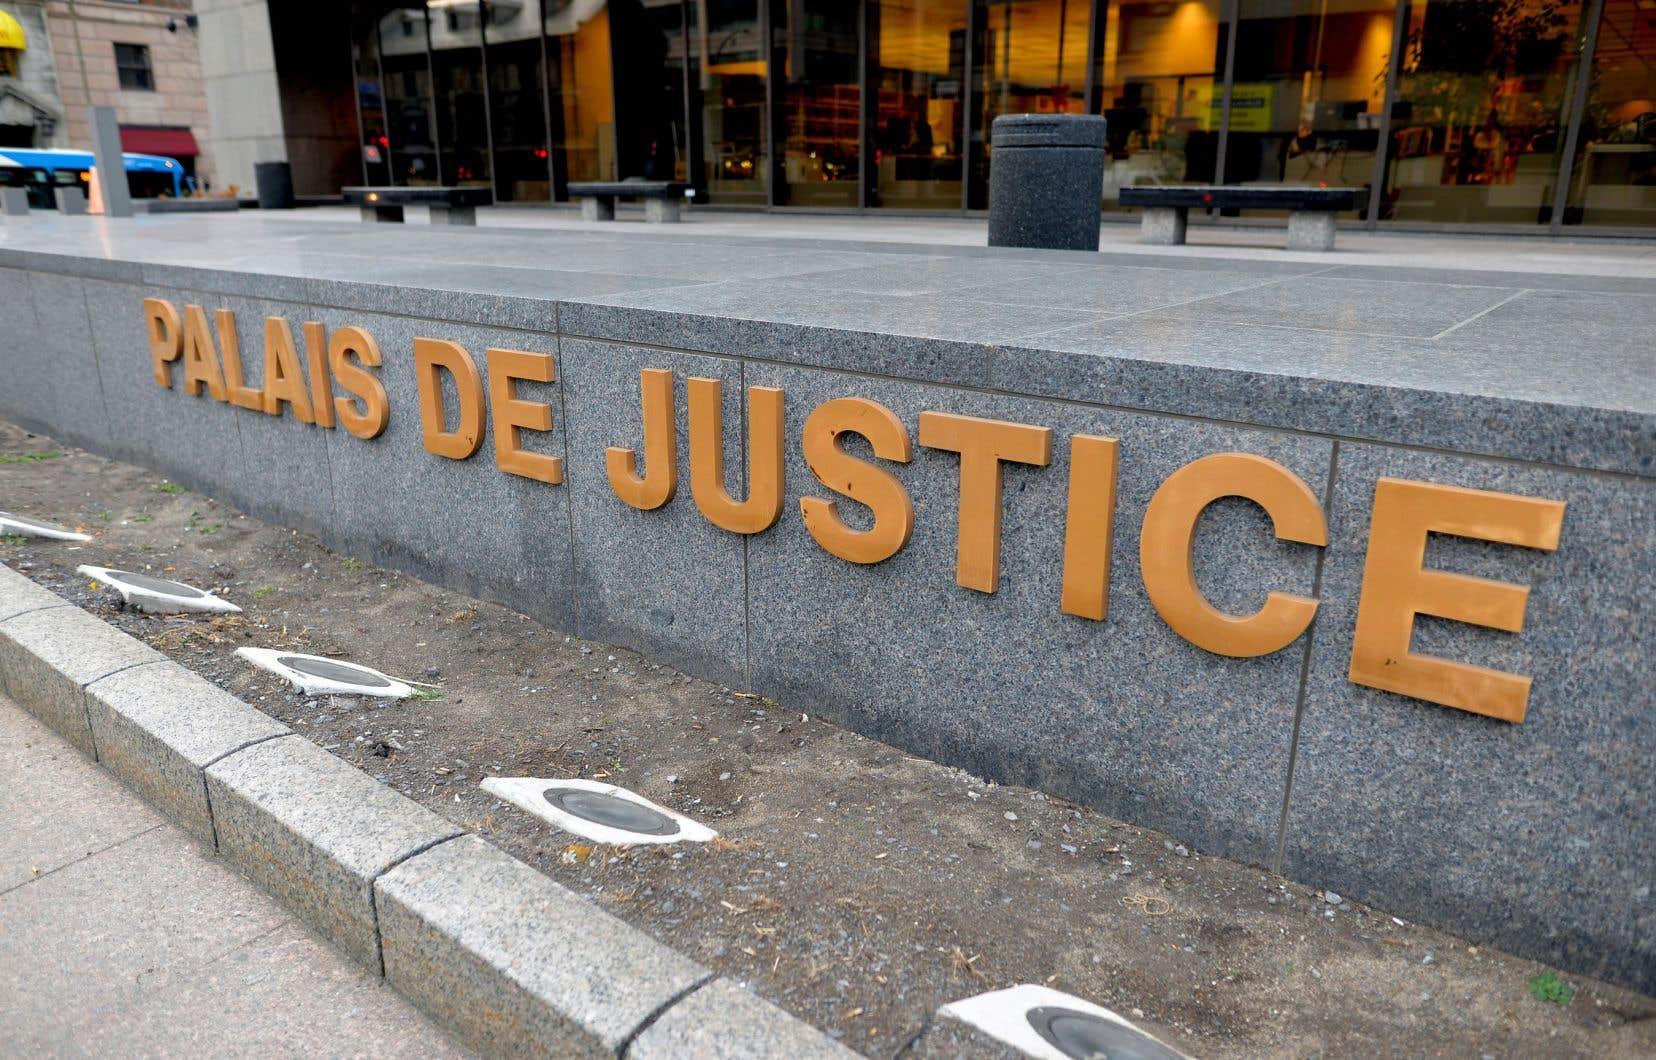 La Constitution canadienne permet à toute personne d'utiliser à son choix le français ou l'anglais devant un tribunal établi par la législature du Québec, dont la Cour du Québec, précise l'auteur.